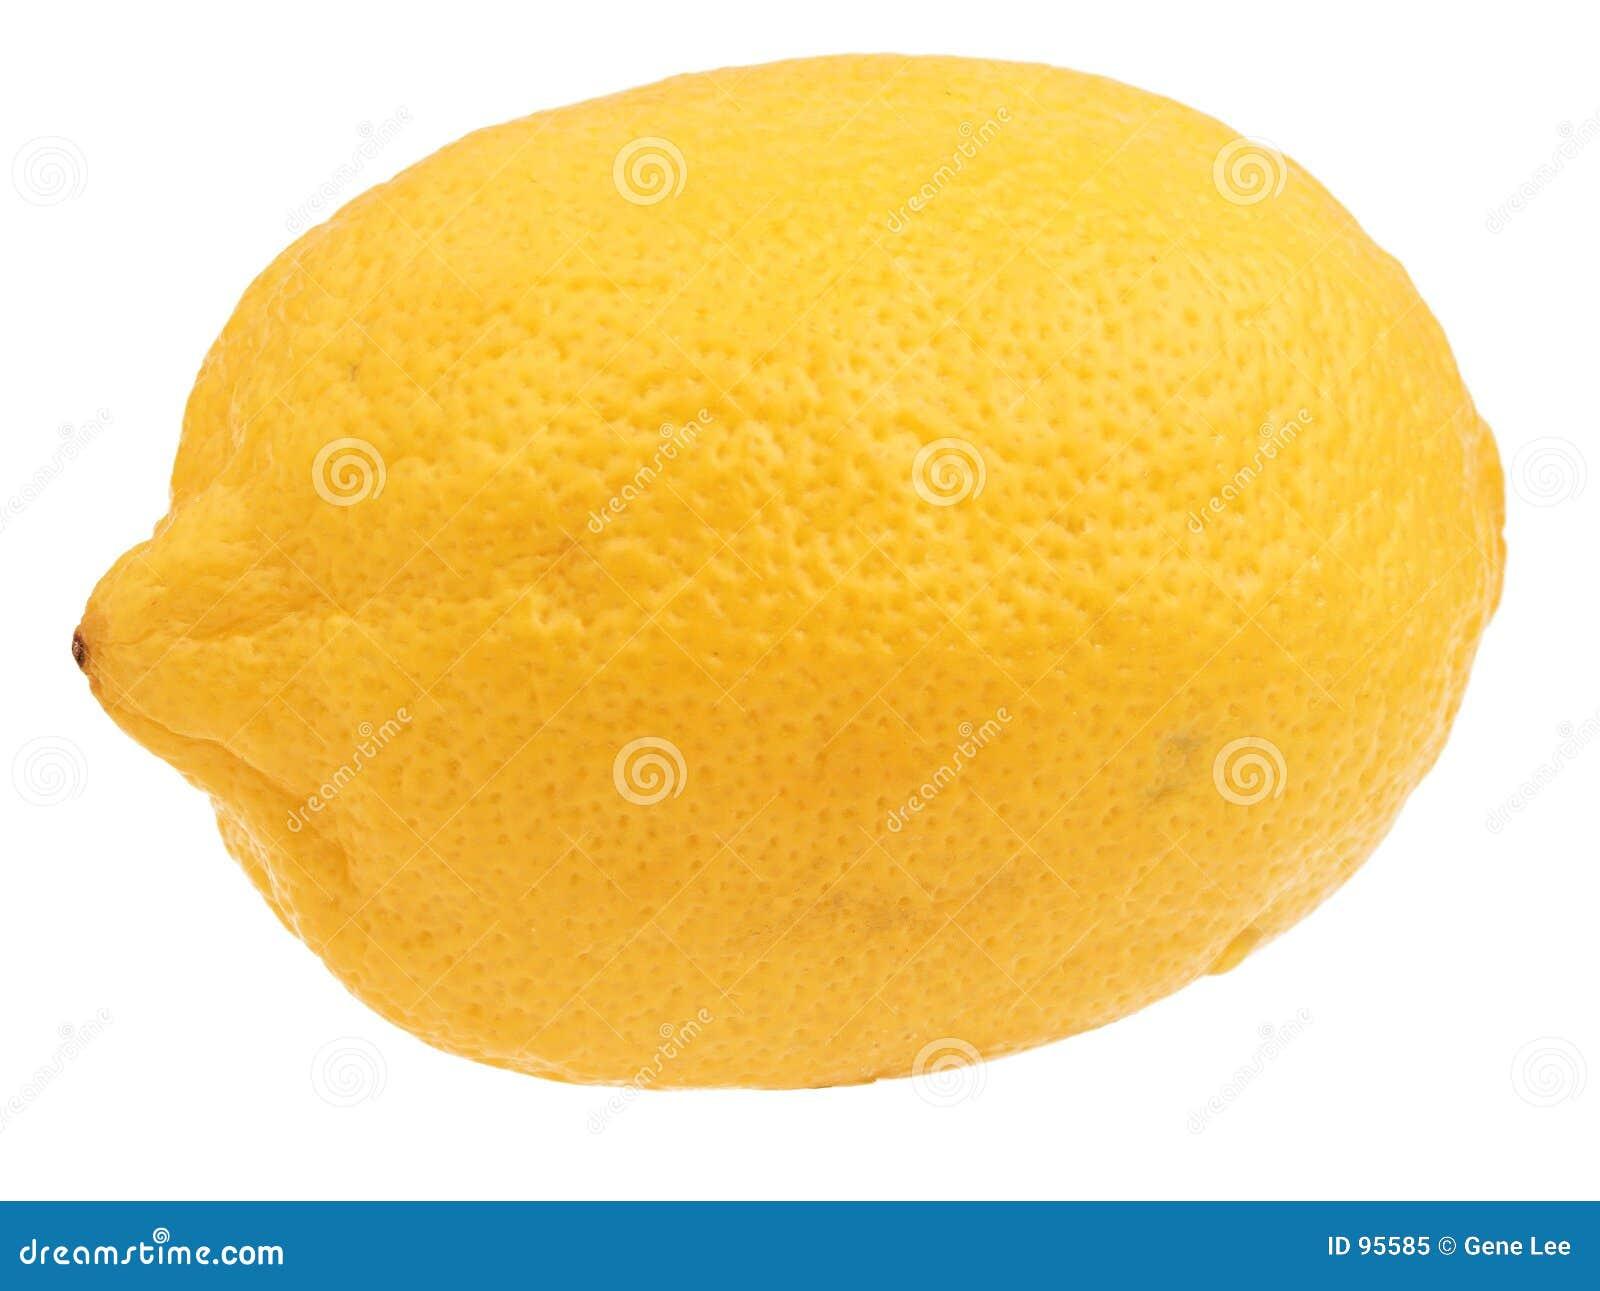 Zitrone